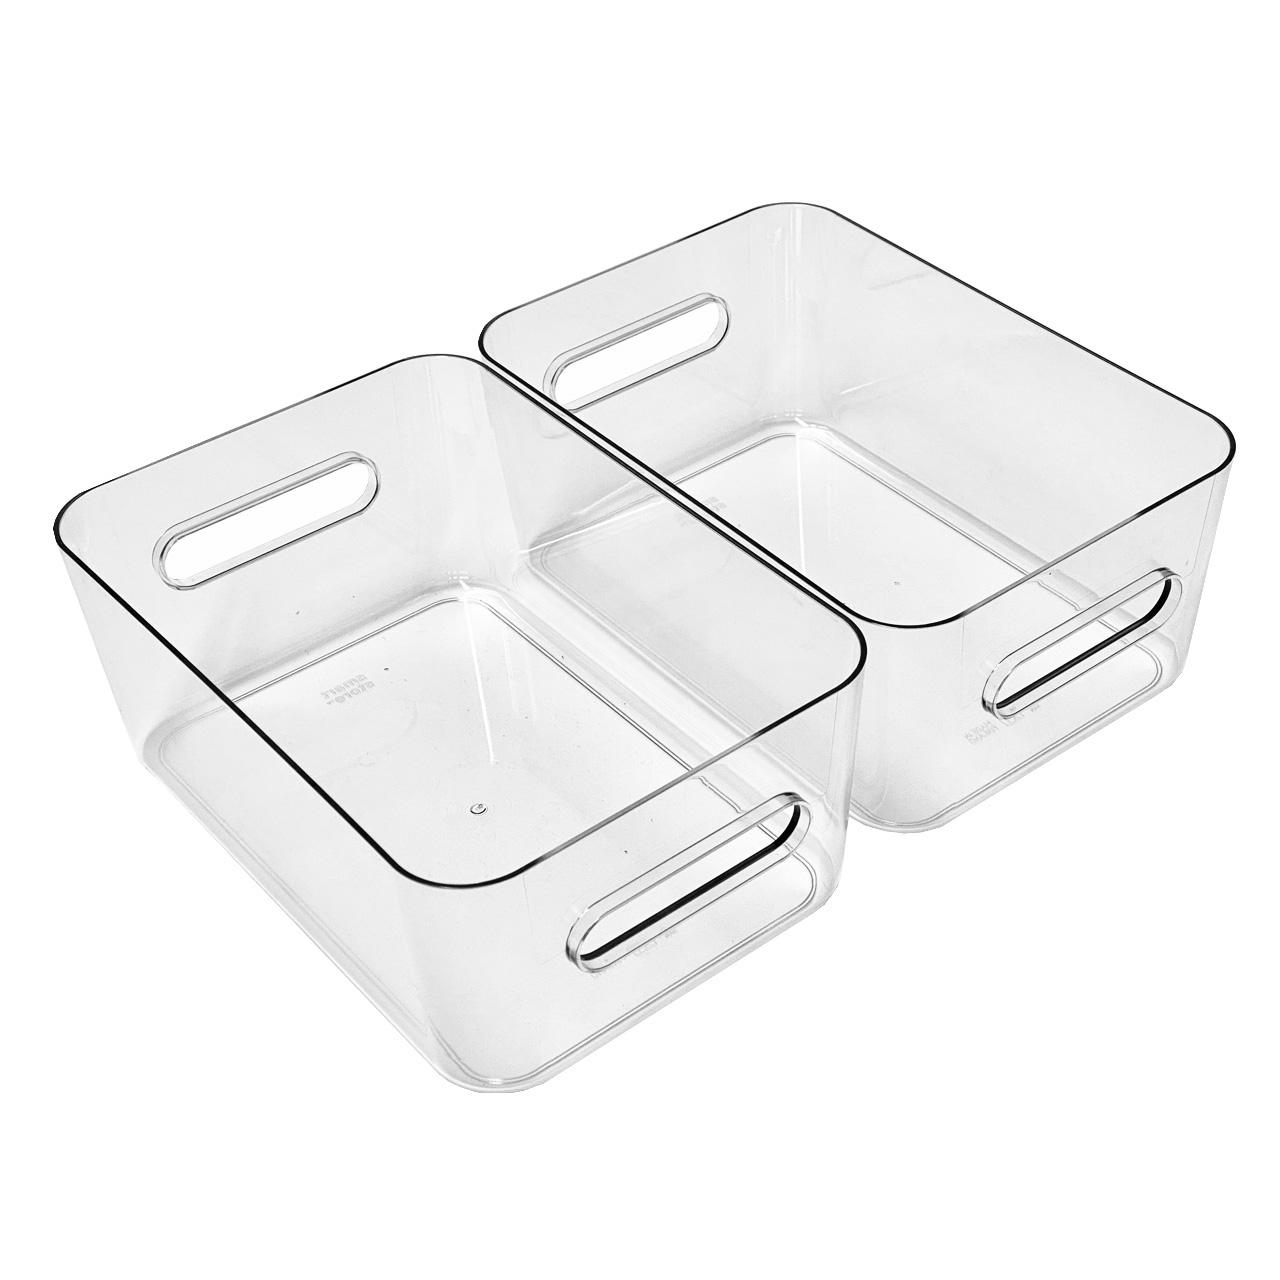 Kühlschrank Organizer Boxen-Set mit Beschriftungsetiketten (M-Boxen-2er-Set)